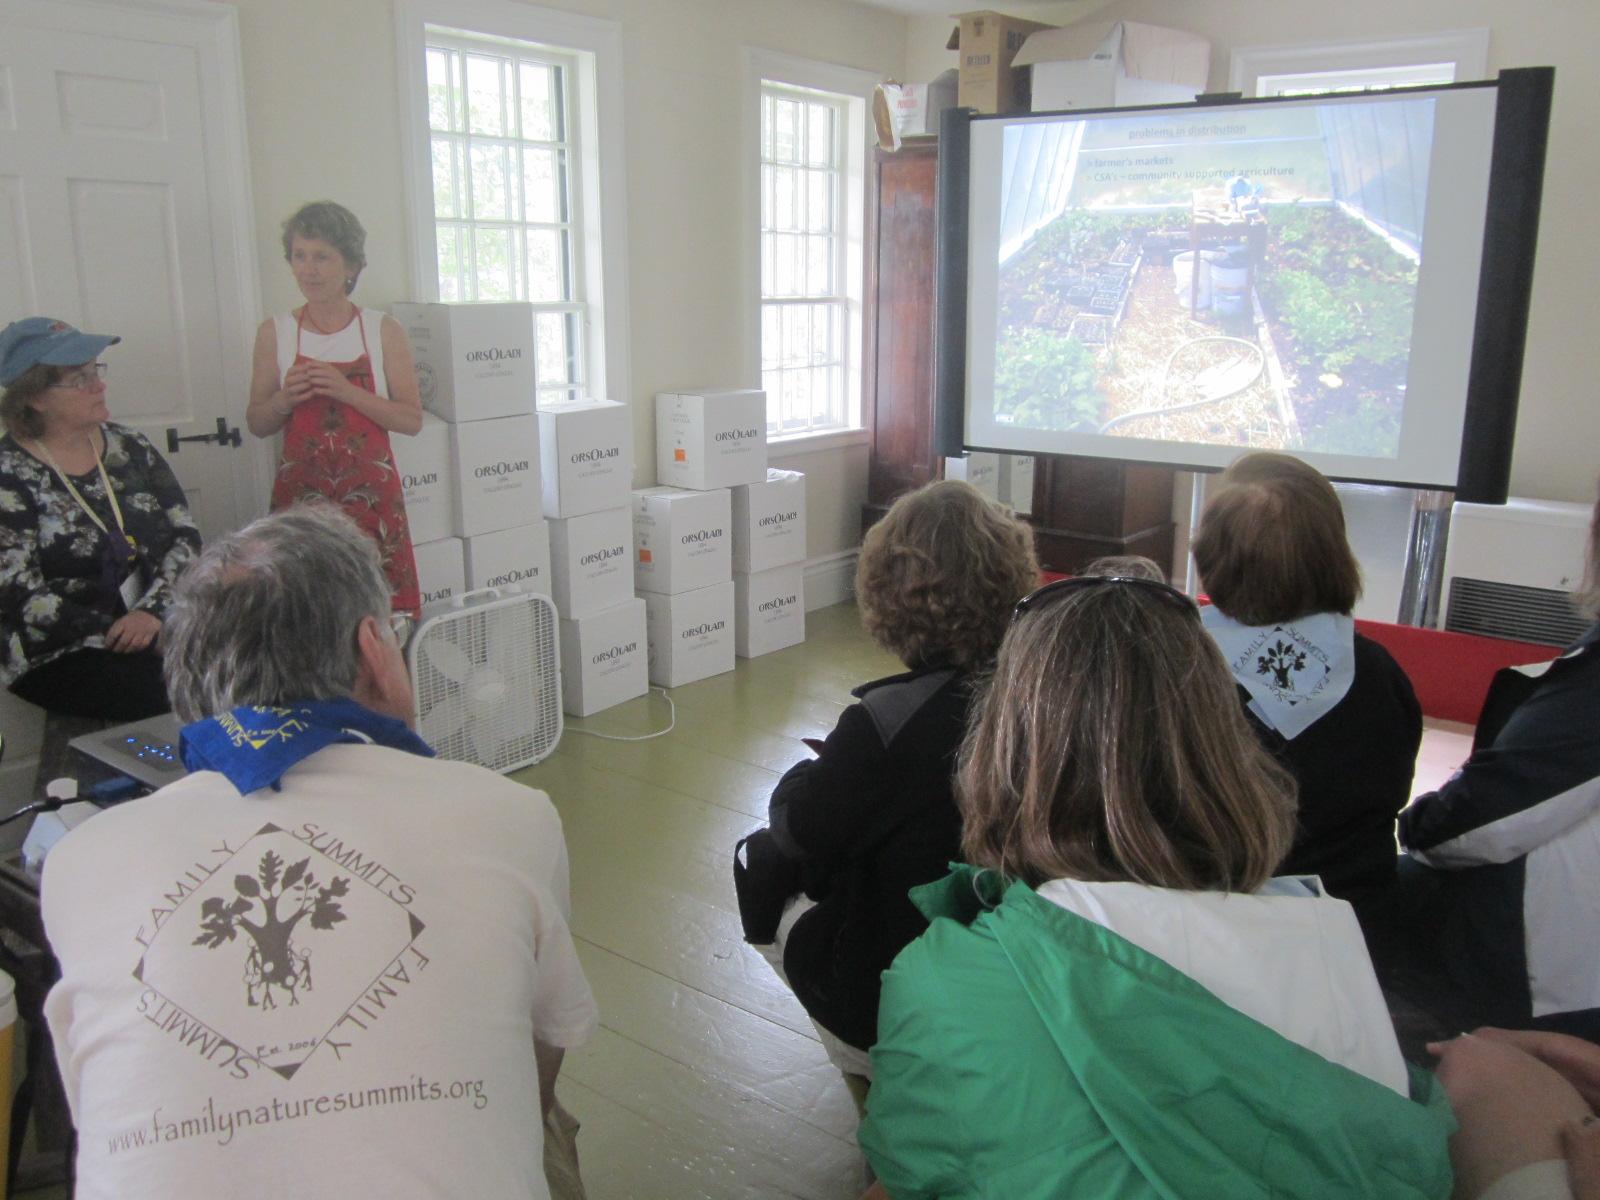 Farm Drop presentation by Mary Alice Hurvitt